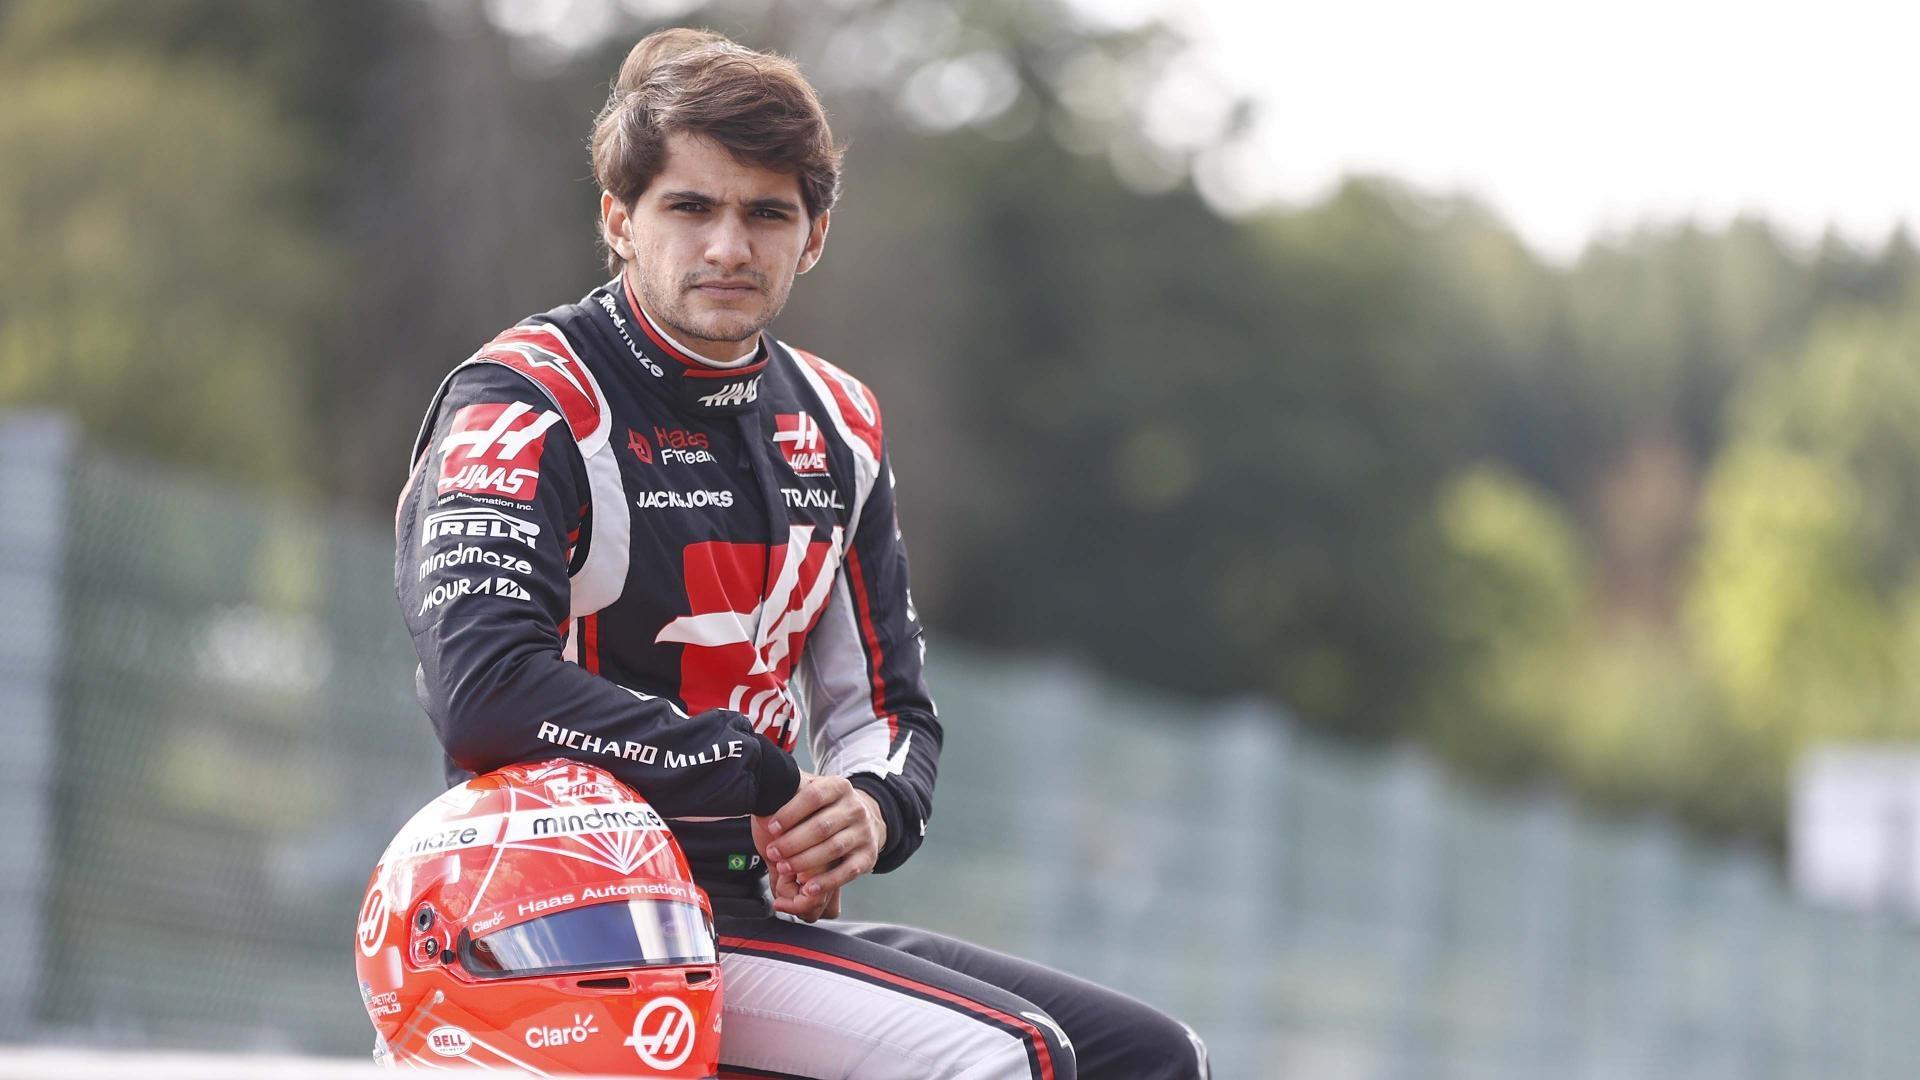 Фиттипальди заменит Грожана на Гран-при Сахира